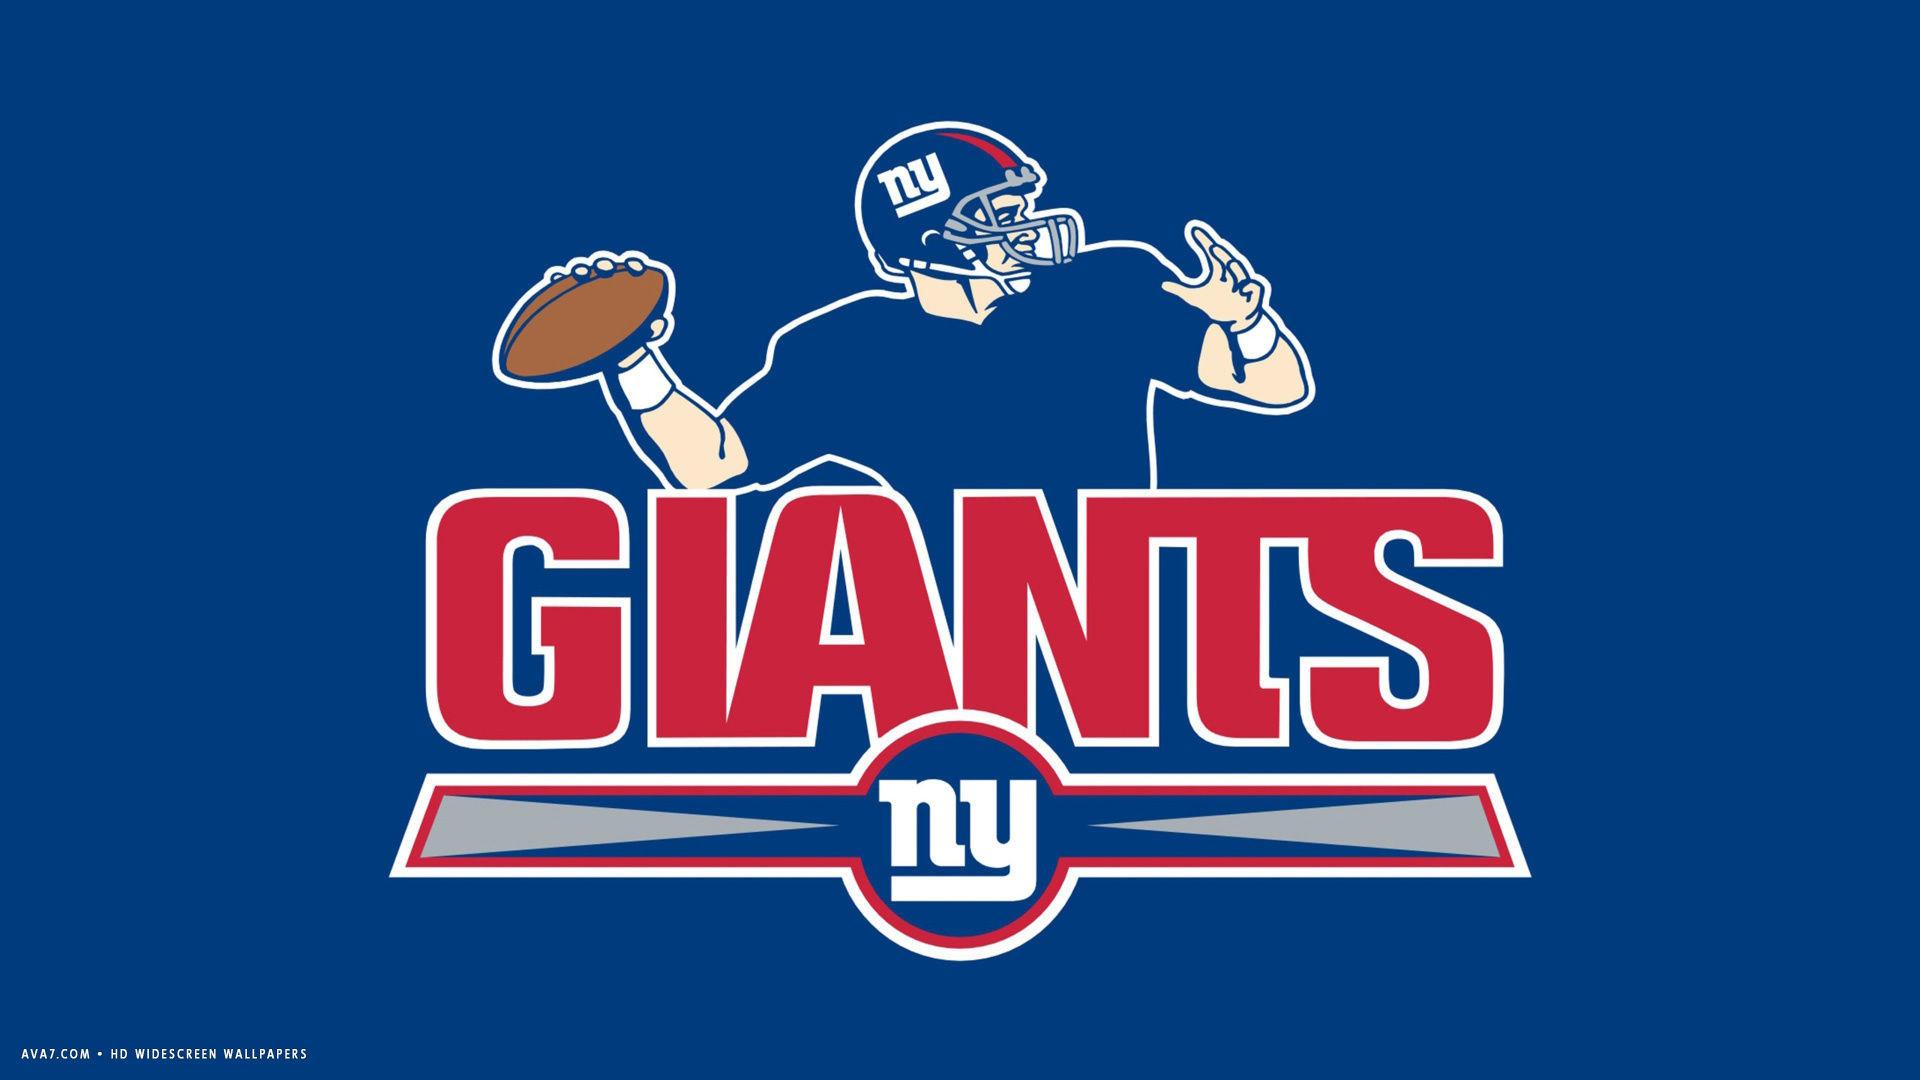 new york giants nfl football team hd widescreen wallpaper